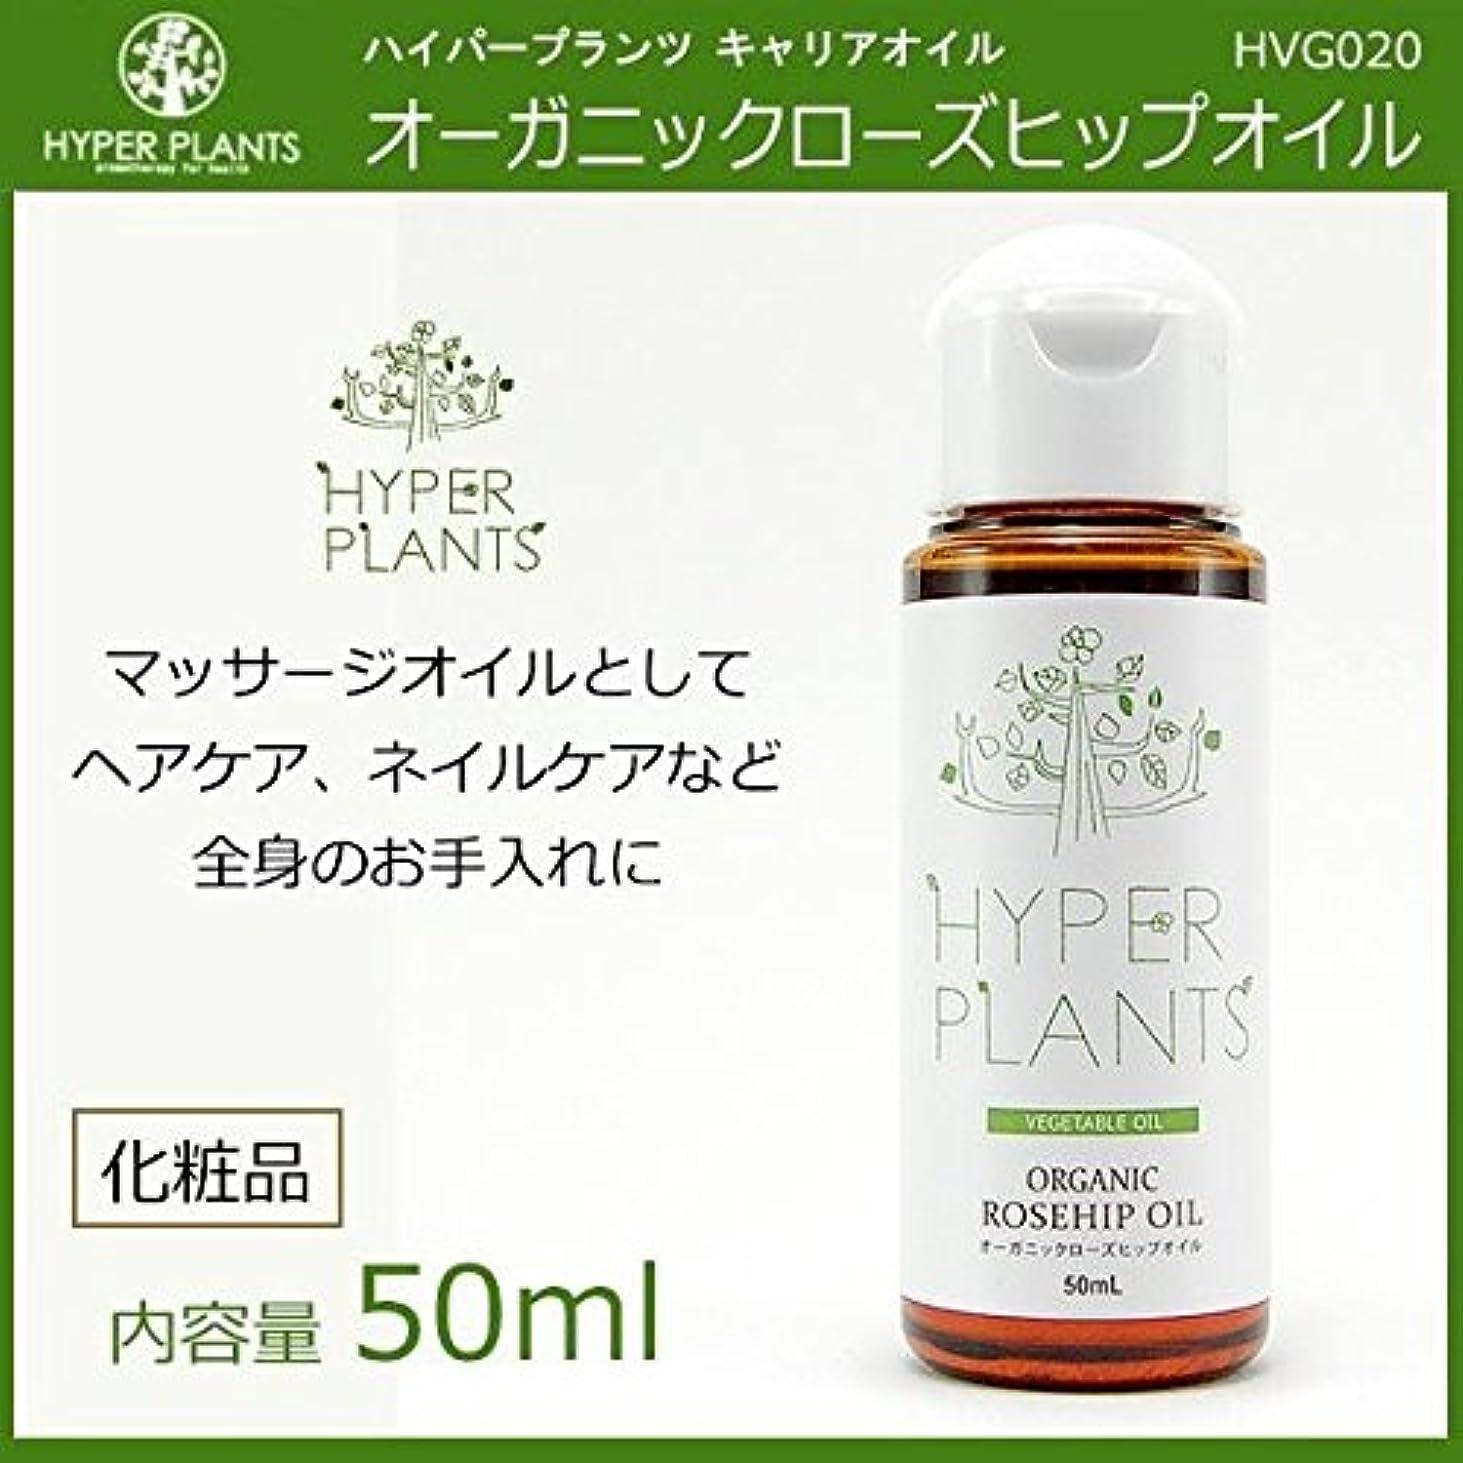 道徳ビバ自分の力ですべてをするHYPER PLANTS ハイパープランツ キャリアオイル オーガニックローズヒップオイル 50ml HVG020